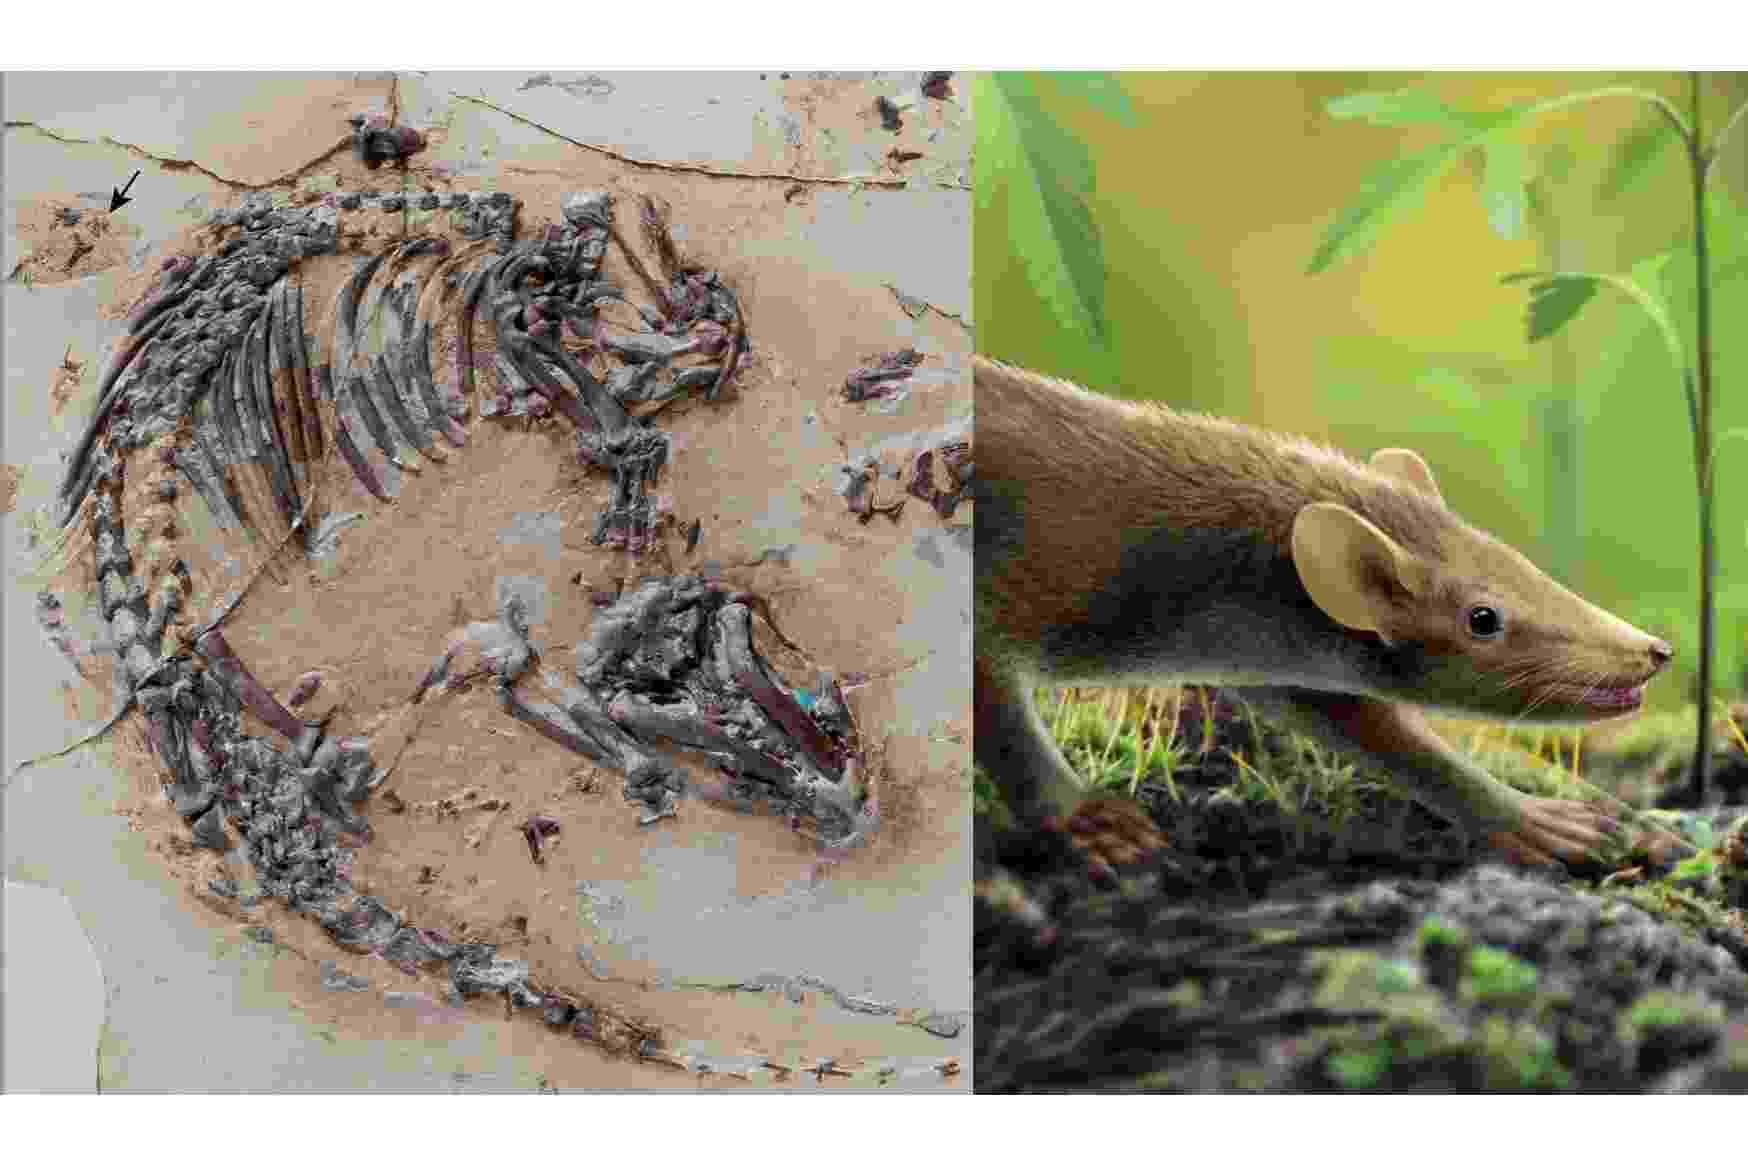 """RATO ANCESTRAL - O fóssil com idade de 125 milhões encontrado em Cuenca, na Espanha, tem o novo recorde entre os mais antigos fósseis de mamíferos encontrados. O anterior era de 60 milhões de anos. O fóssil da espécie nomeada de """"Spinolestes xenarthrosus"""" ainda possui algumas estruturas de órgãos preservadas e a evidência de uma infecção por fungos nos pelos. A espécie media cerca de 24 centímetros e tem um peso estimado entre 50 e 70 gramas. Paleontólogos realizam escavações na região de Cuenca desde 1985 e lá já encontraram milhares de fósseis, incluindo importante espécies de dinossauros e aves. Os resultados serão publicados na revista Nature nesta quinta-feira (15) - Georg Oleschinski/via Reuters/Oscar Sanisidro/Ilustração"""